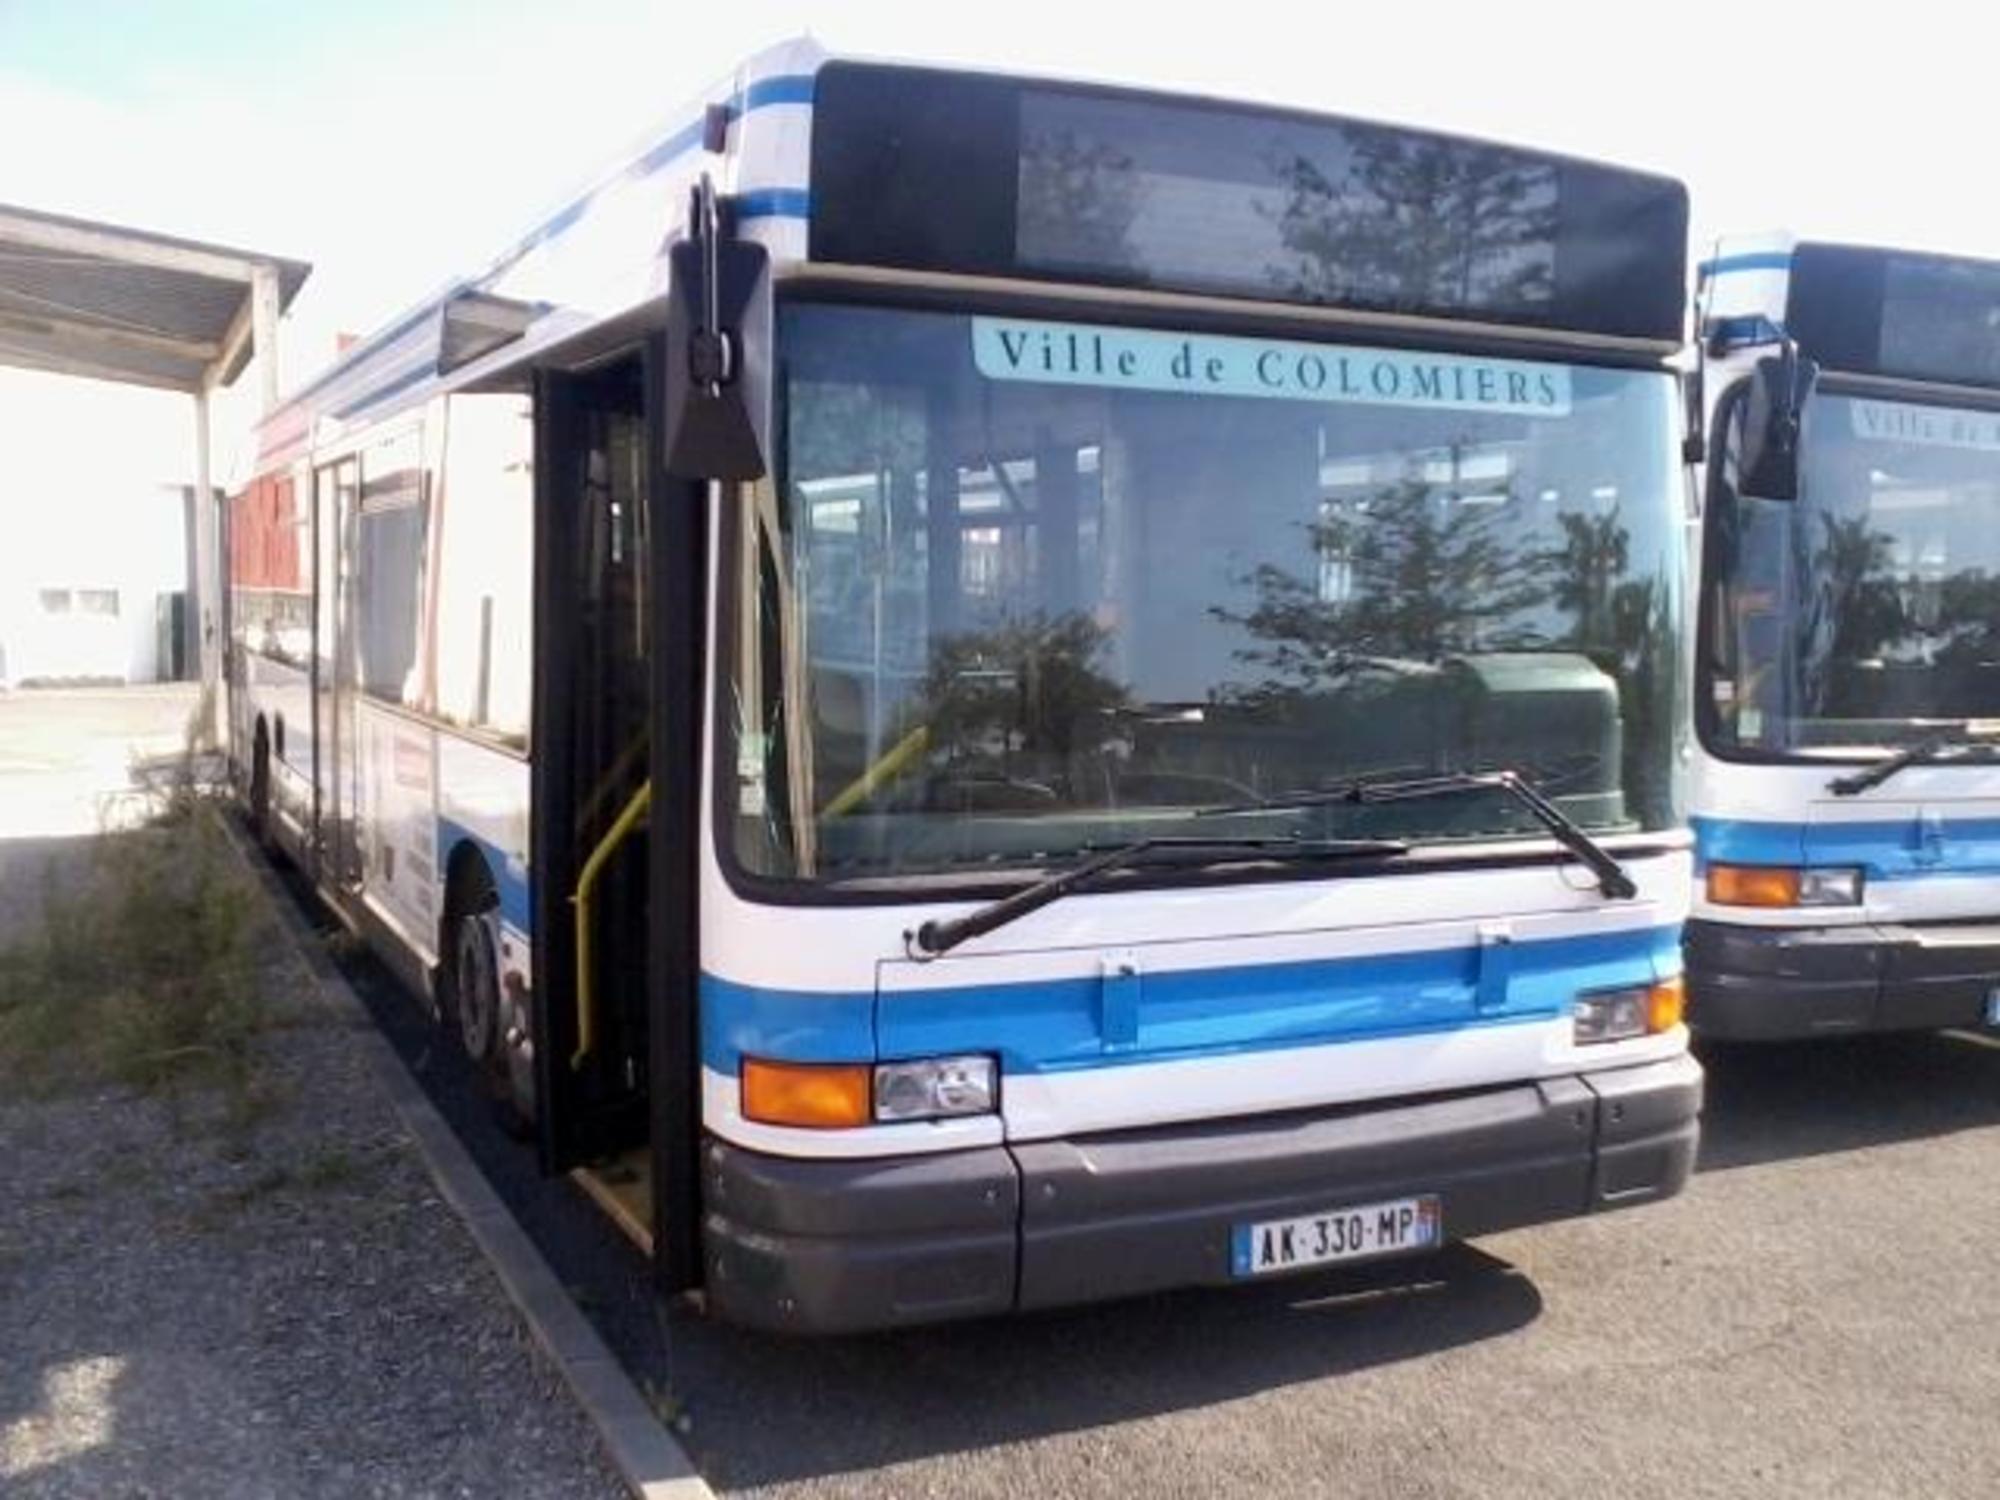 bus heuliez gx317 ak330mp car bus d 39 occasion aux ench res agorastore. Black Bedroom Furniture Sets. Home Design Ideas